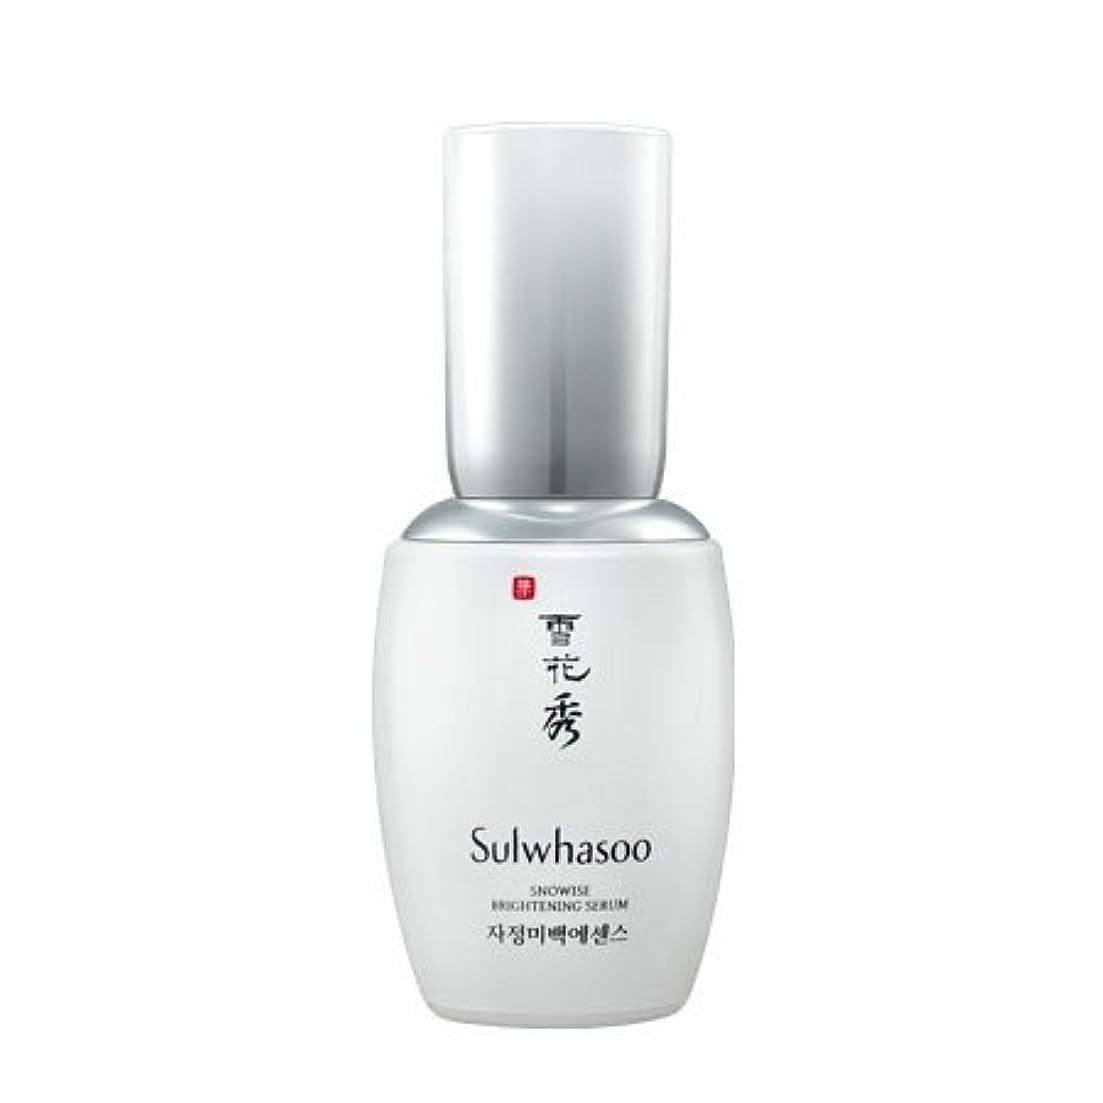 所有権彫刻再開【ソルファス】Sulwhasoo Snowise Brightening Serum - 50ml(50ml (韓国直送品) (SHOPPINGINSTAGRAM)